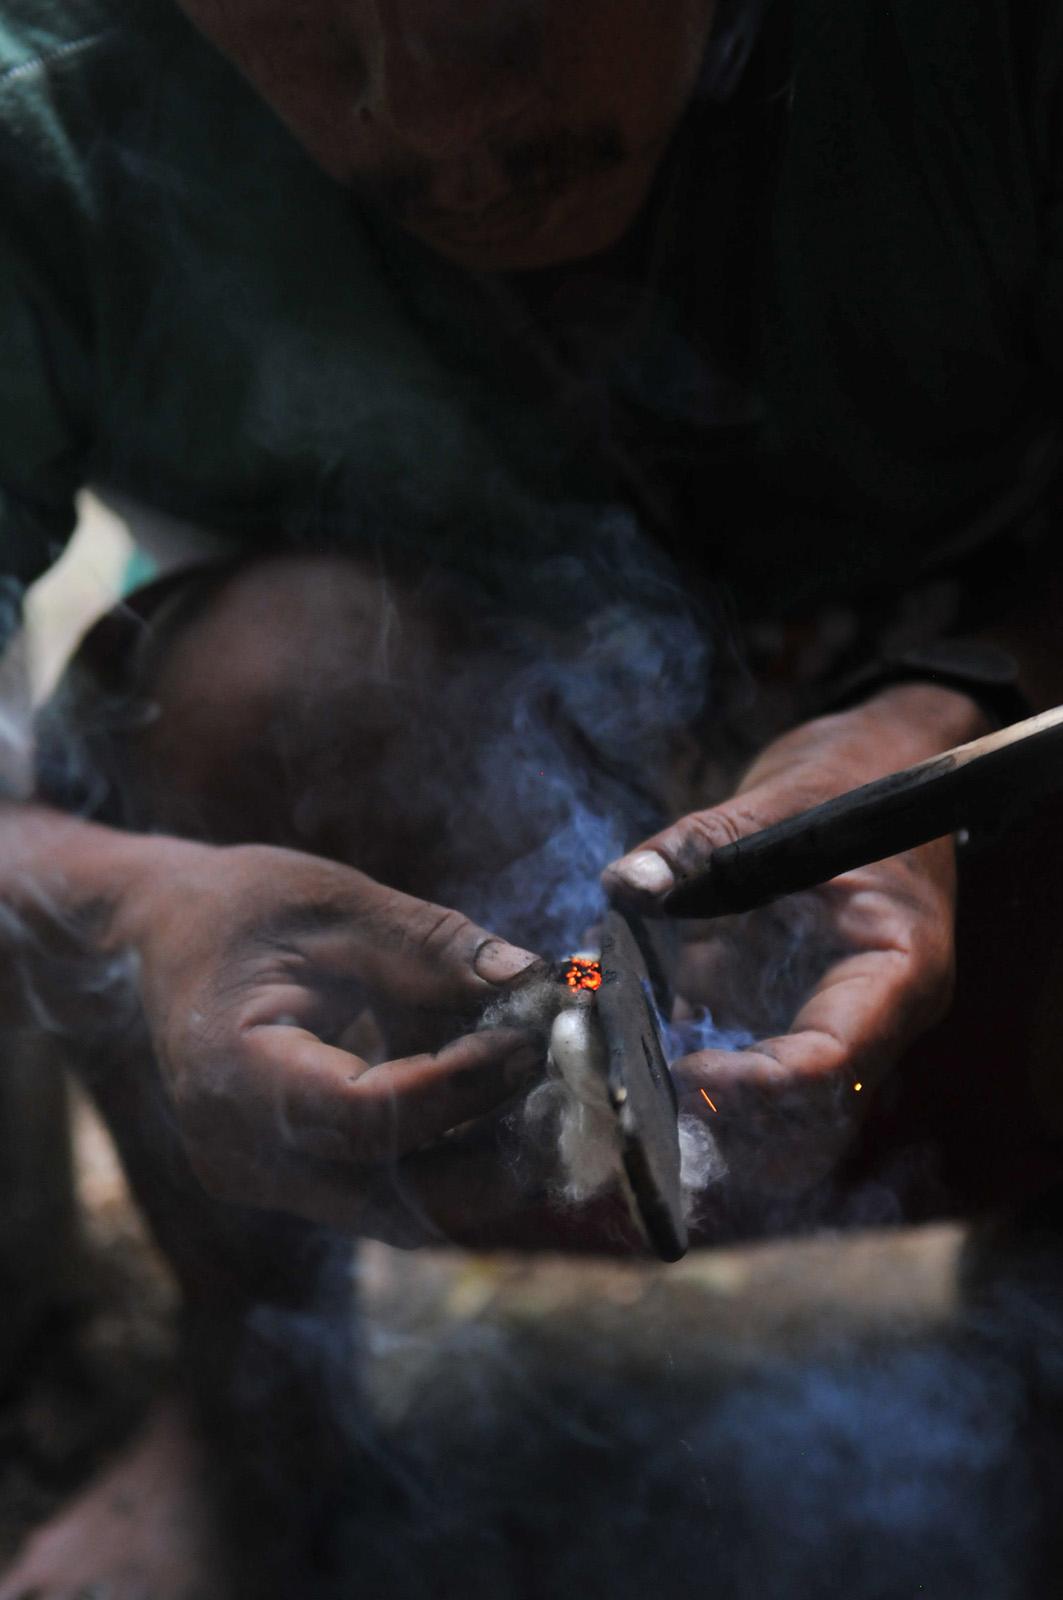 close up foto van handen van een indiaan die vuur probeert te maken met twee stokjes